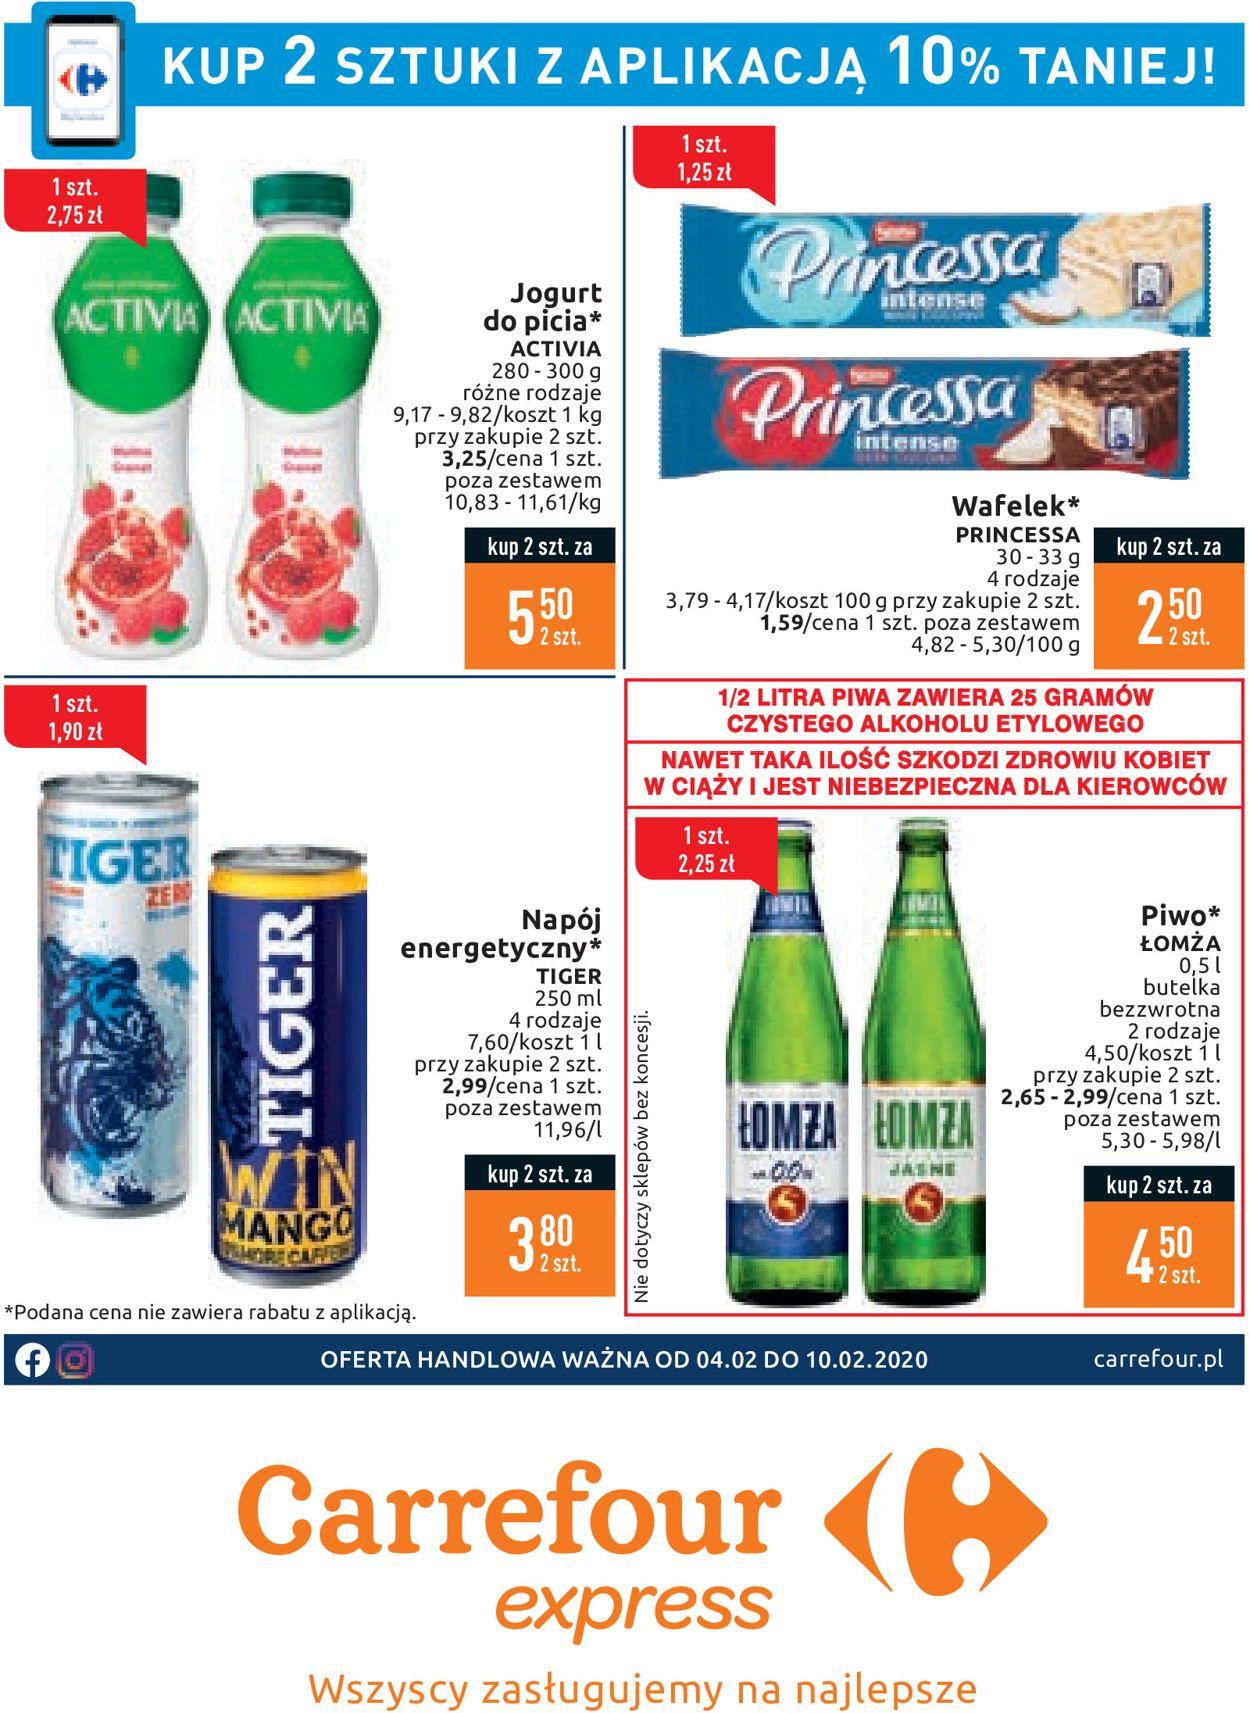 Gazetka promocyjna Carrefour - 04.02-10.02.2020